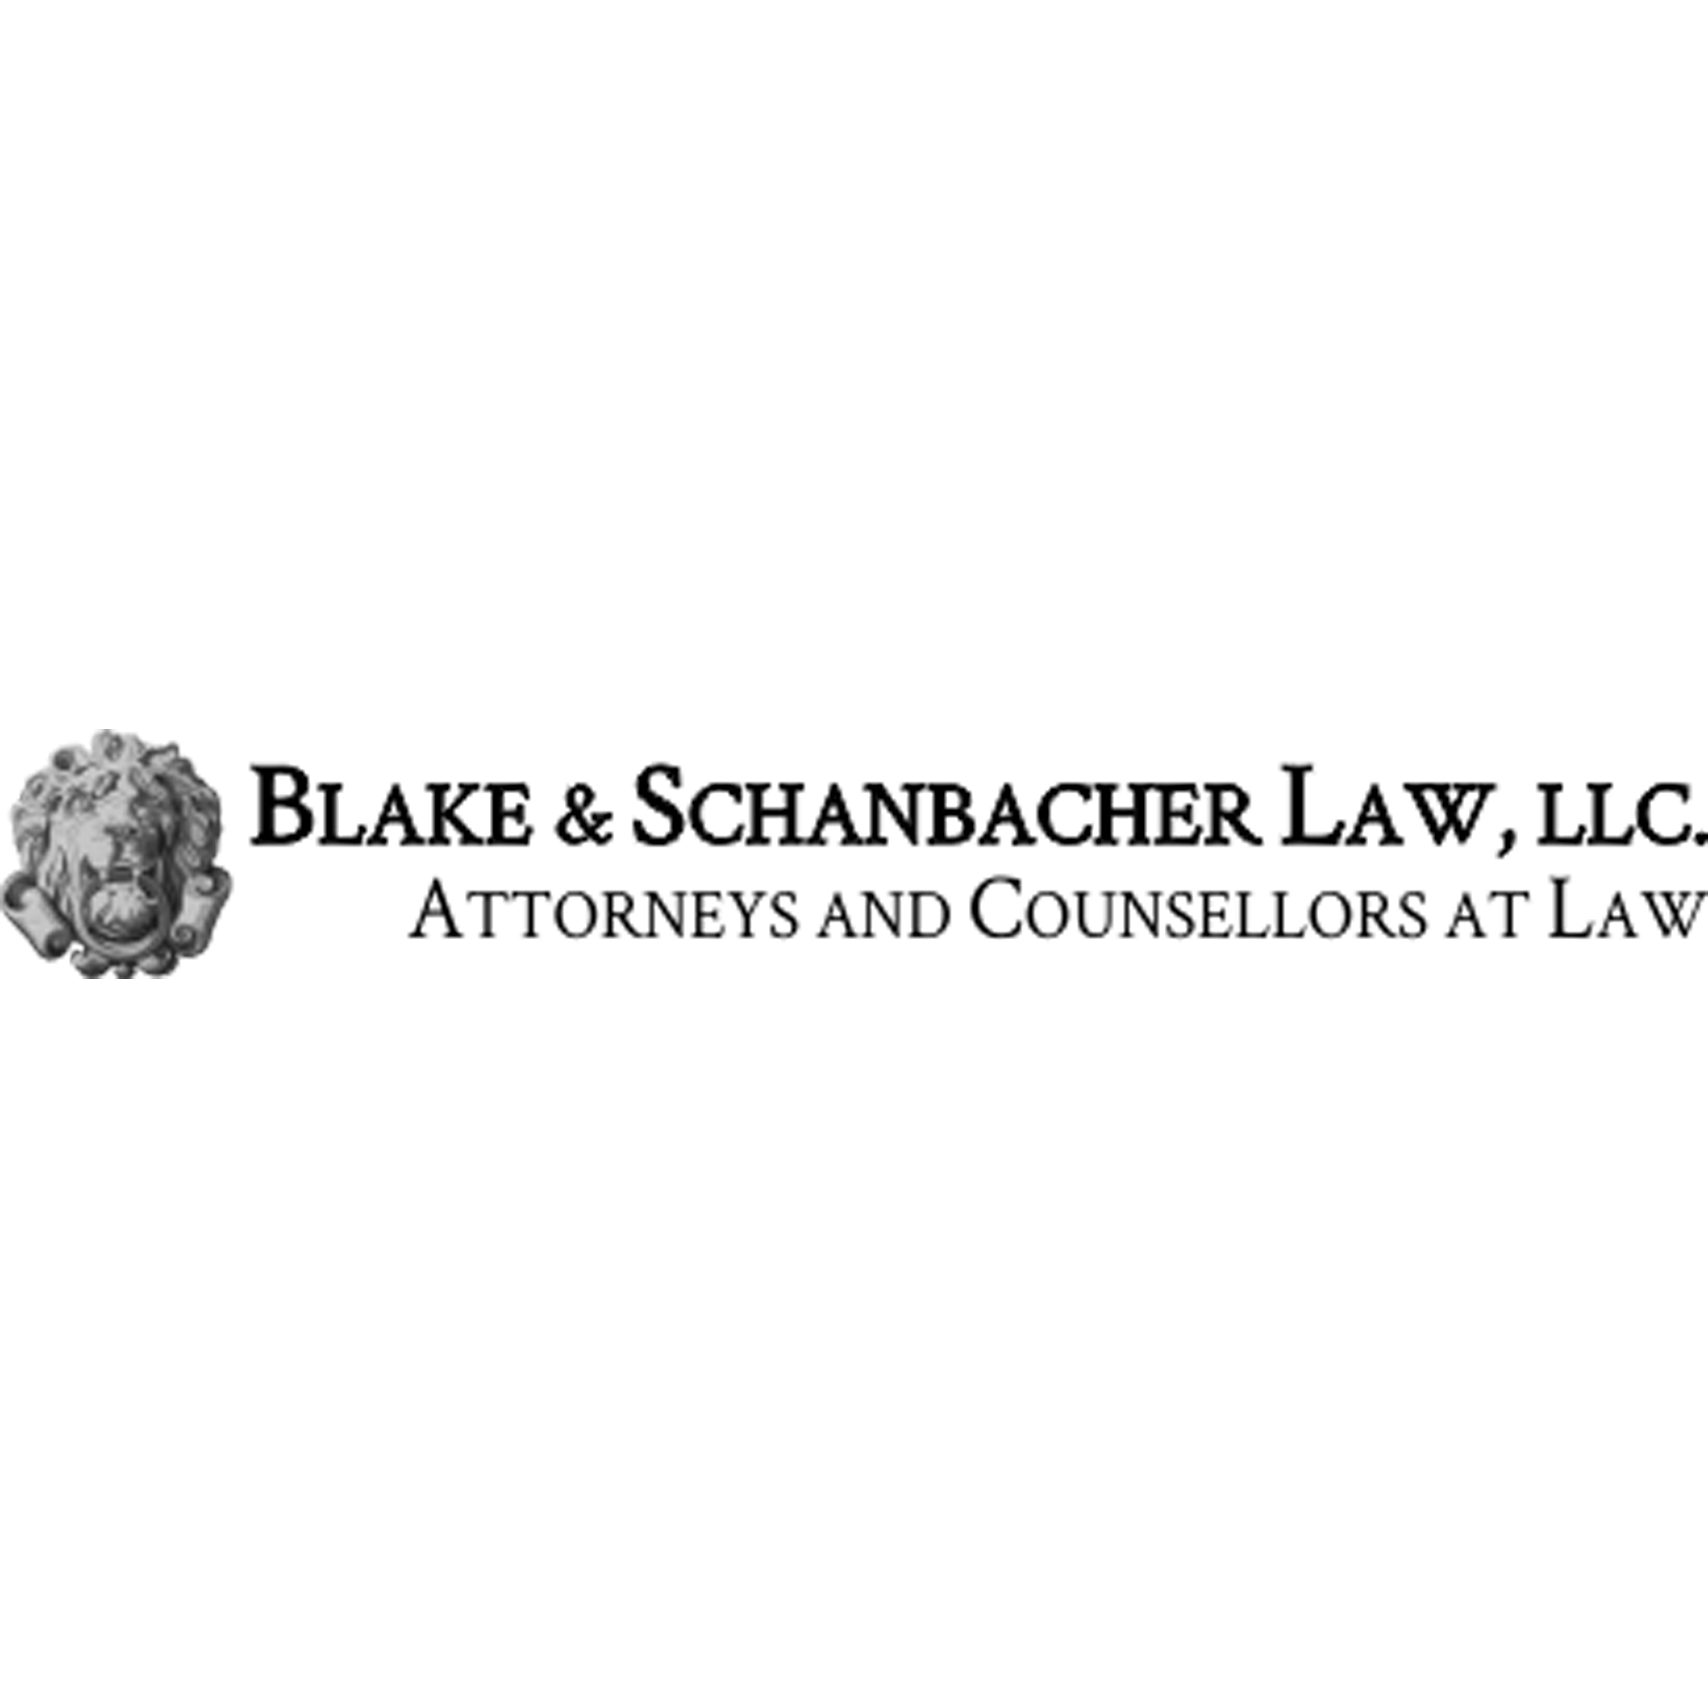 Blake & Schanbacher Law